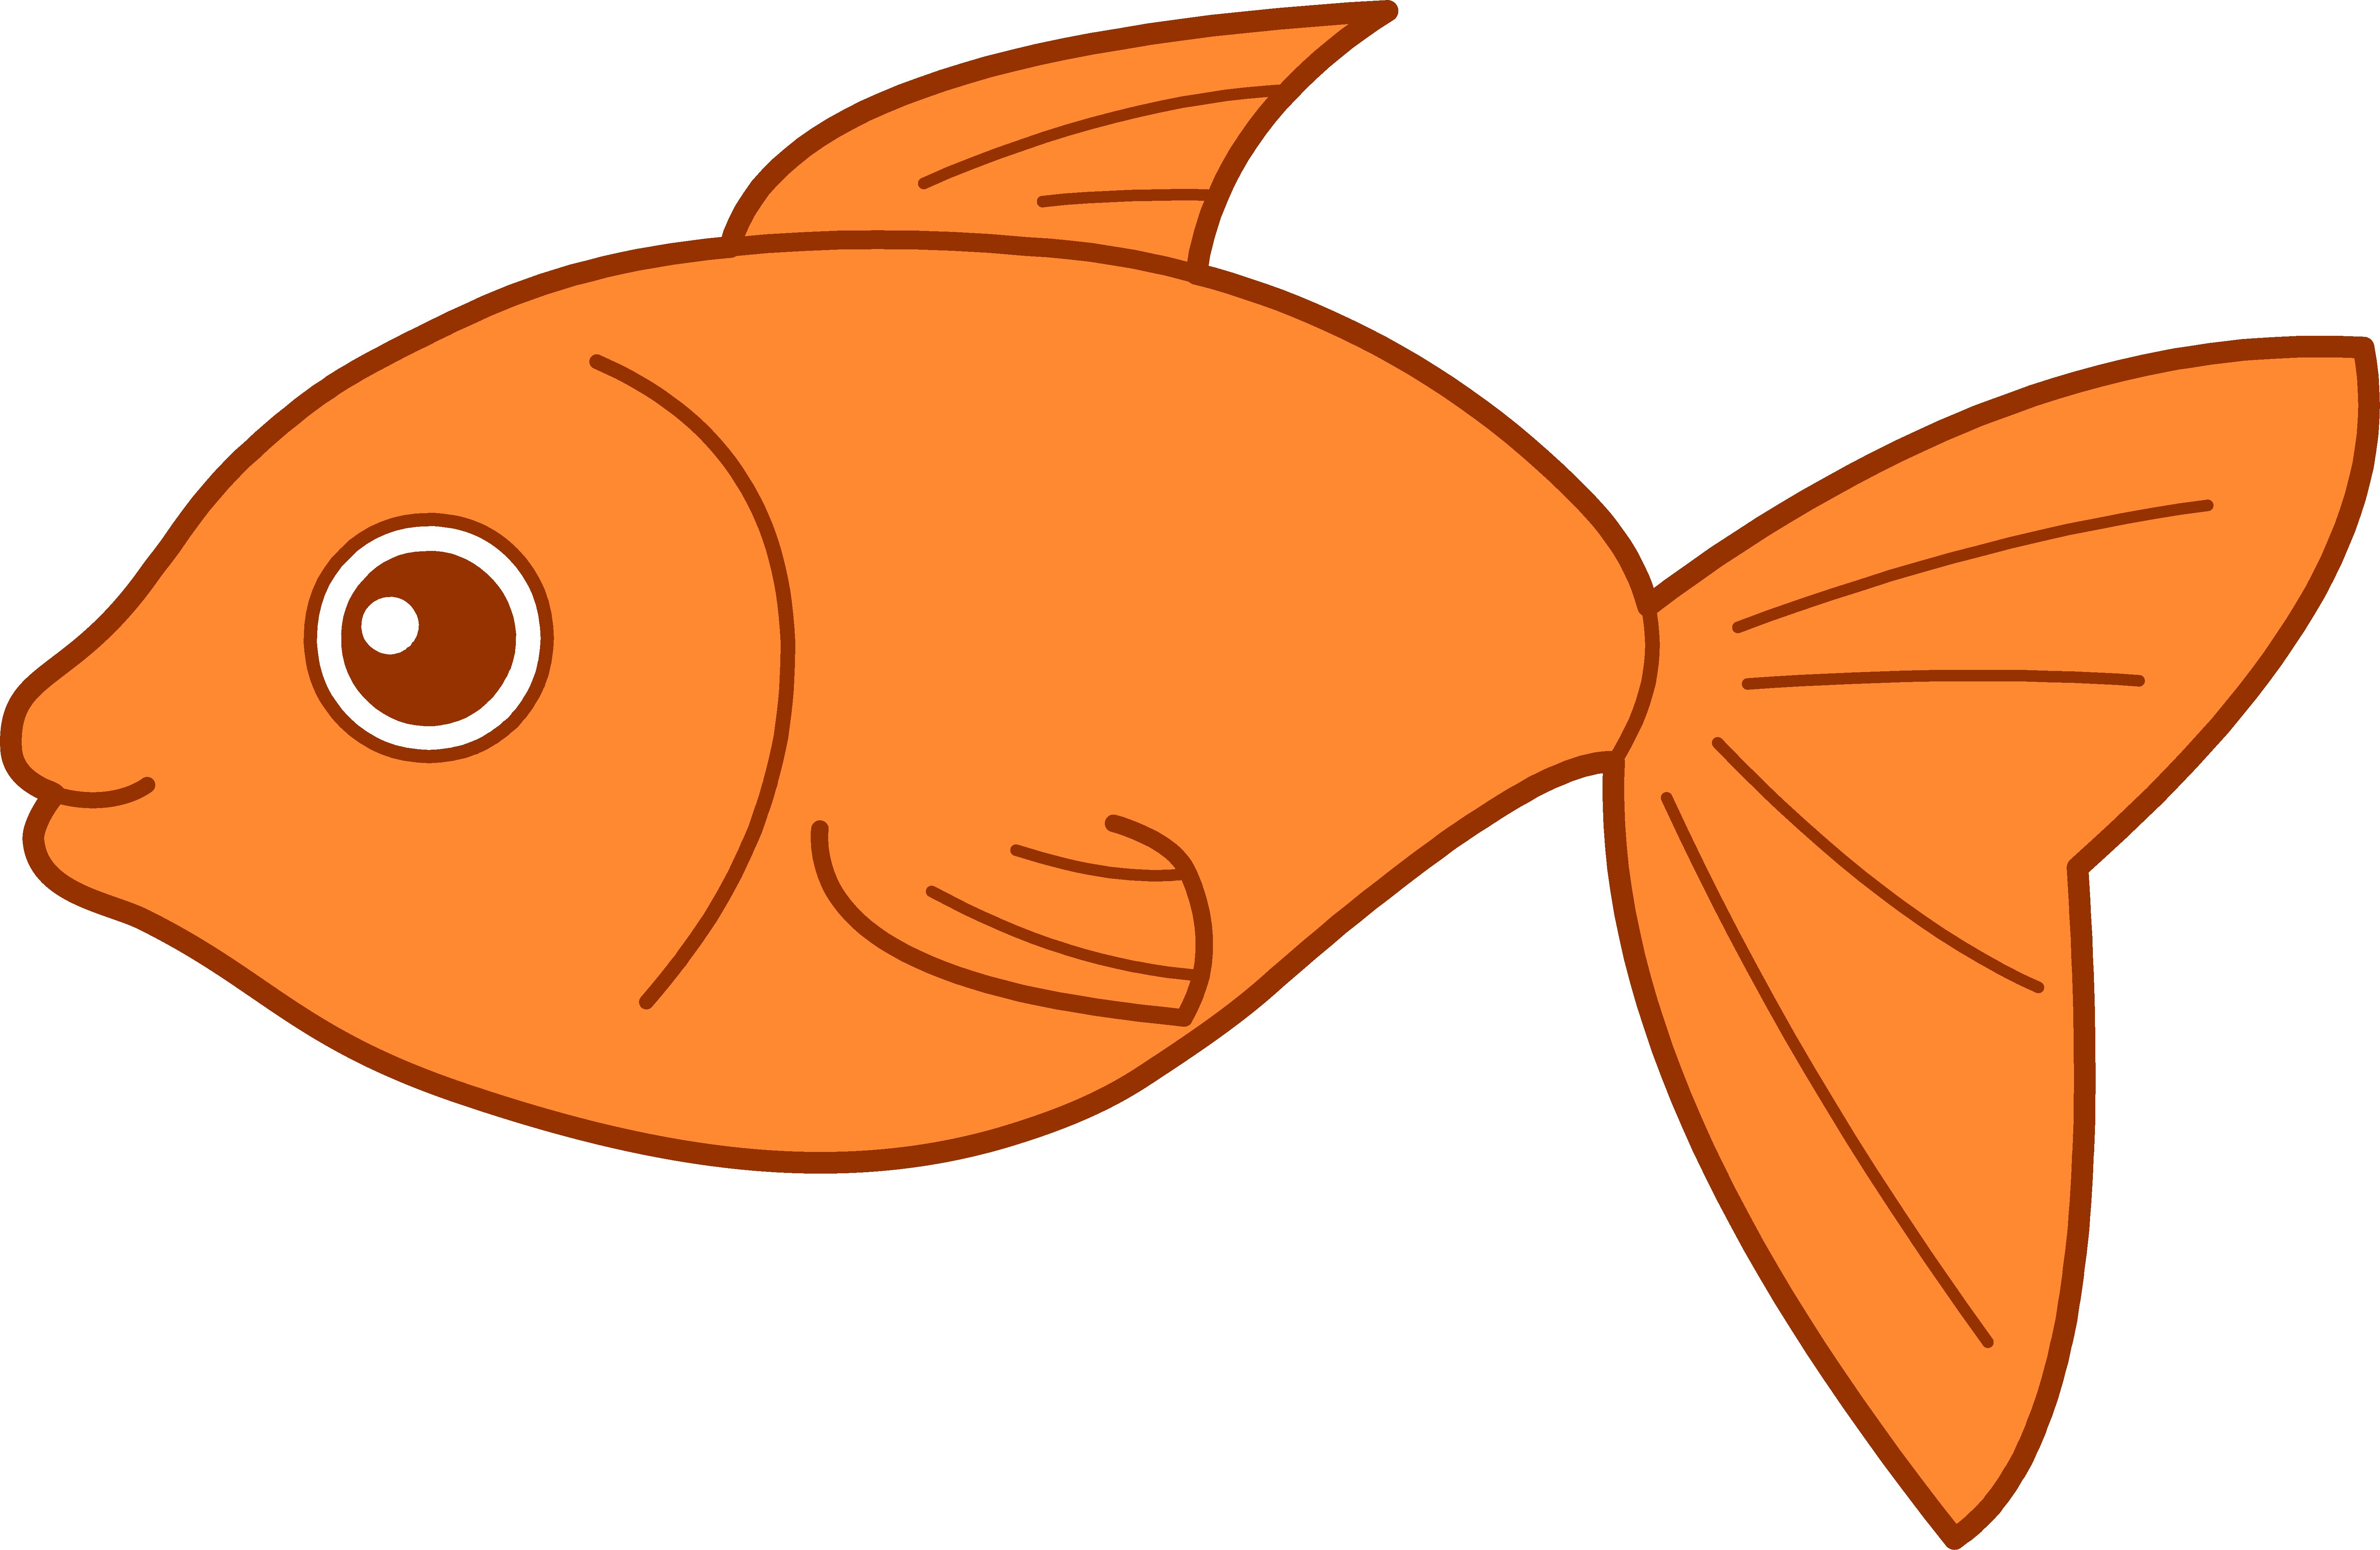 Drawing Of Orange Fish Free Image